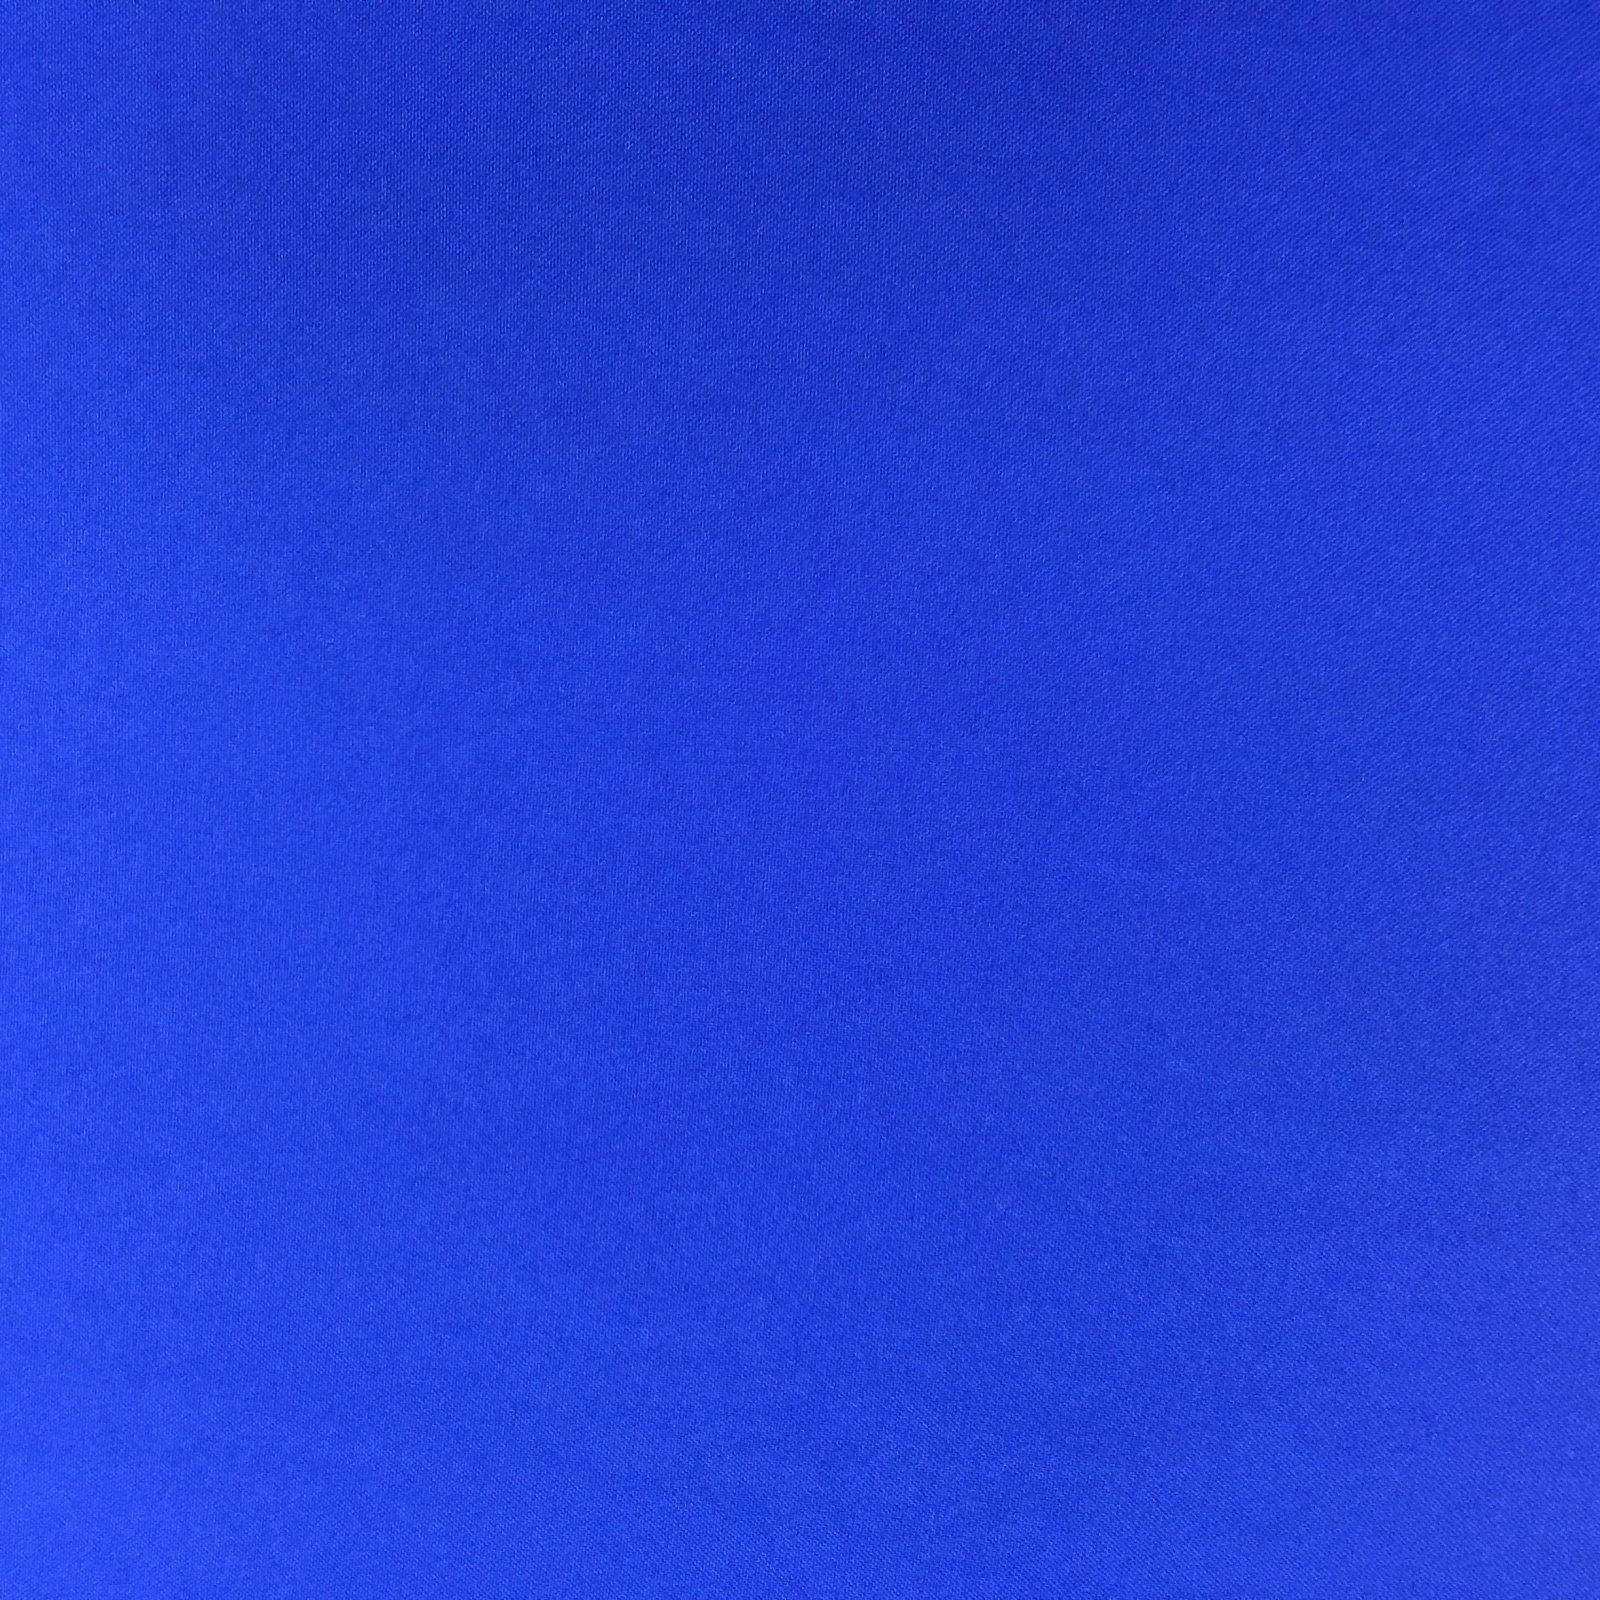 Shawl Cut Twill 2 yds Royal Blue